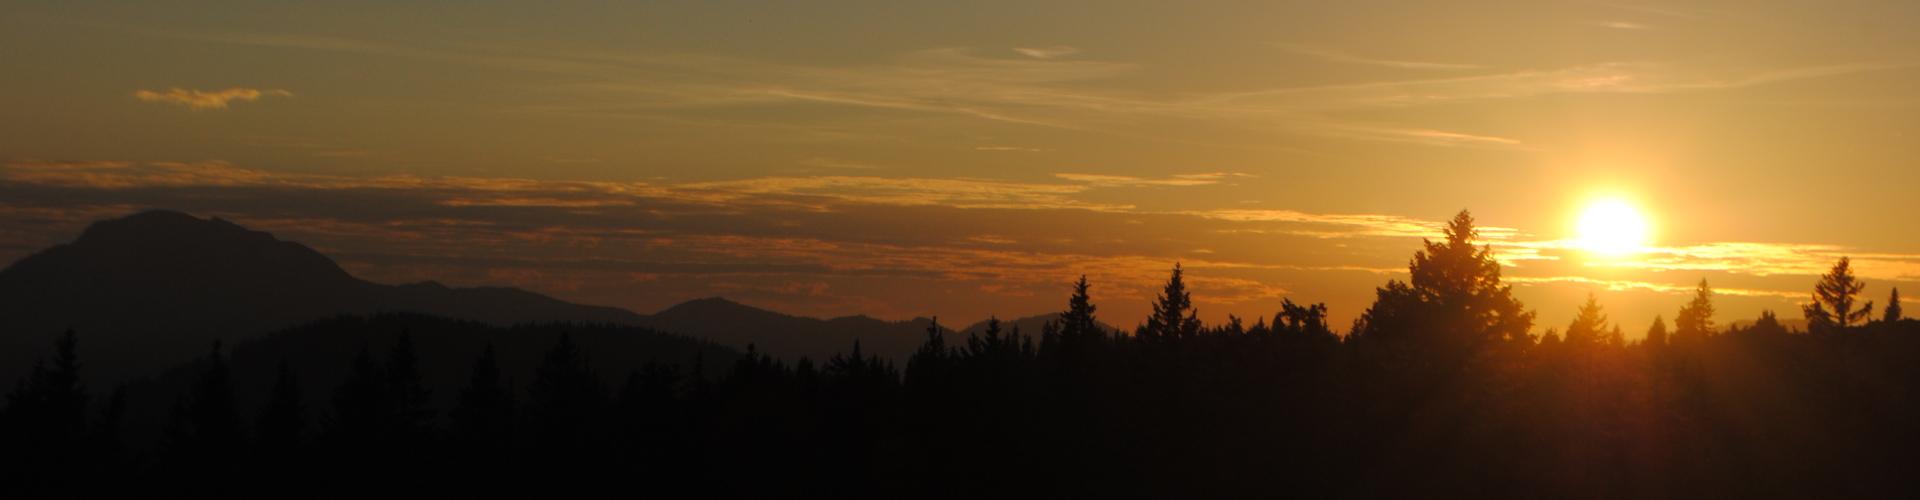 Sonnenuntergang - Halterhütte Brach, © TVB Mariazeller Land